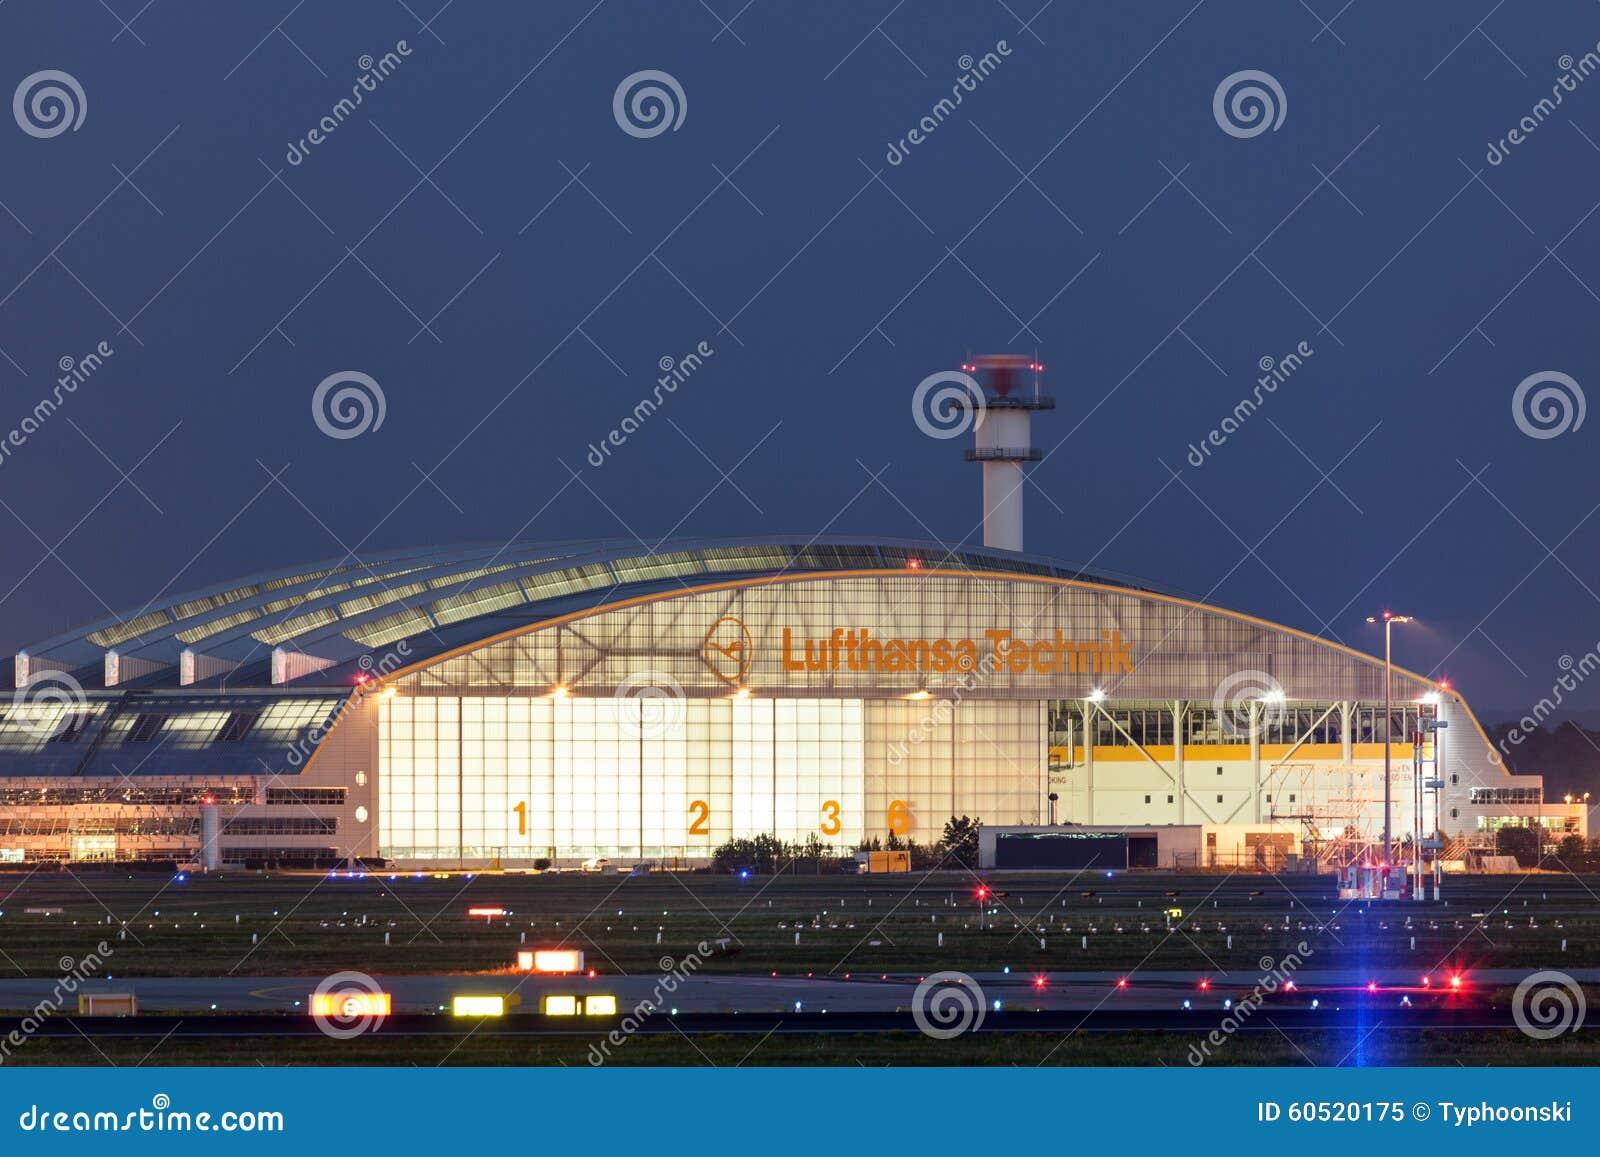 Lufthansa Hangar Am Frankfurt Flughafen Redaktionelles Bild Bild